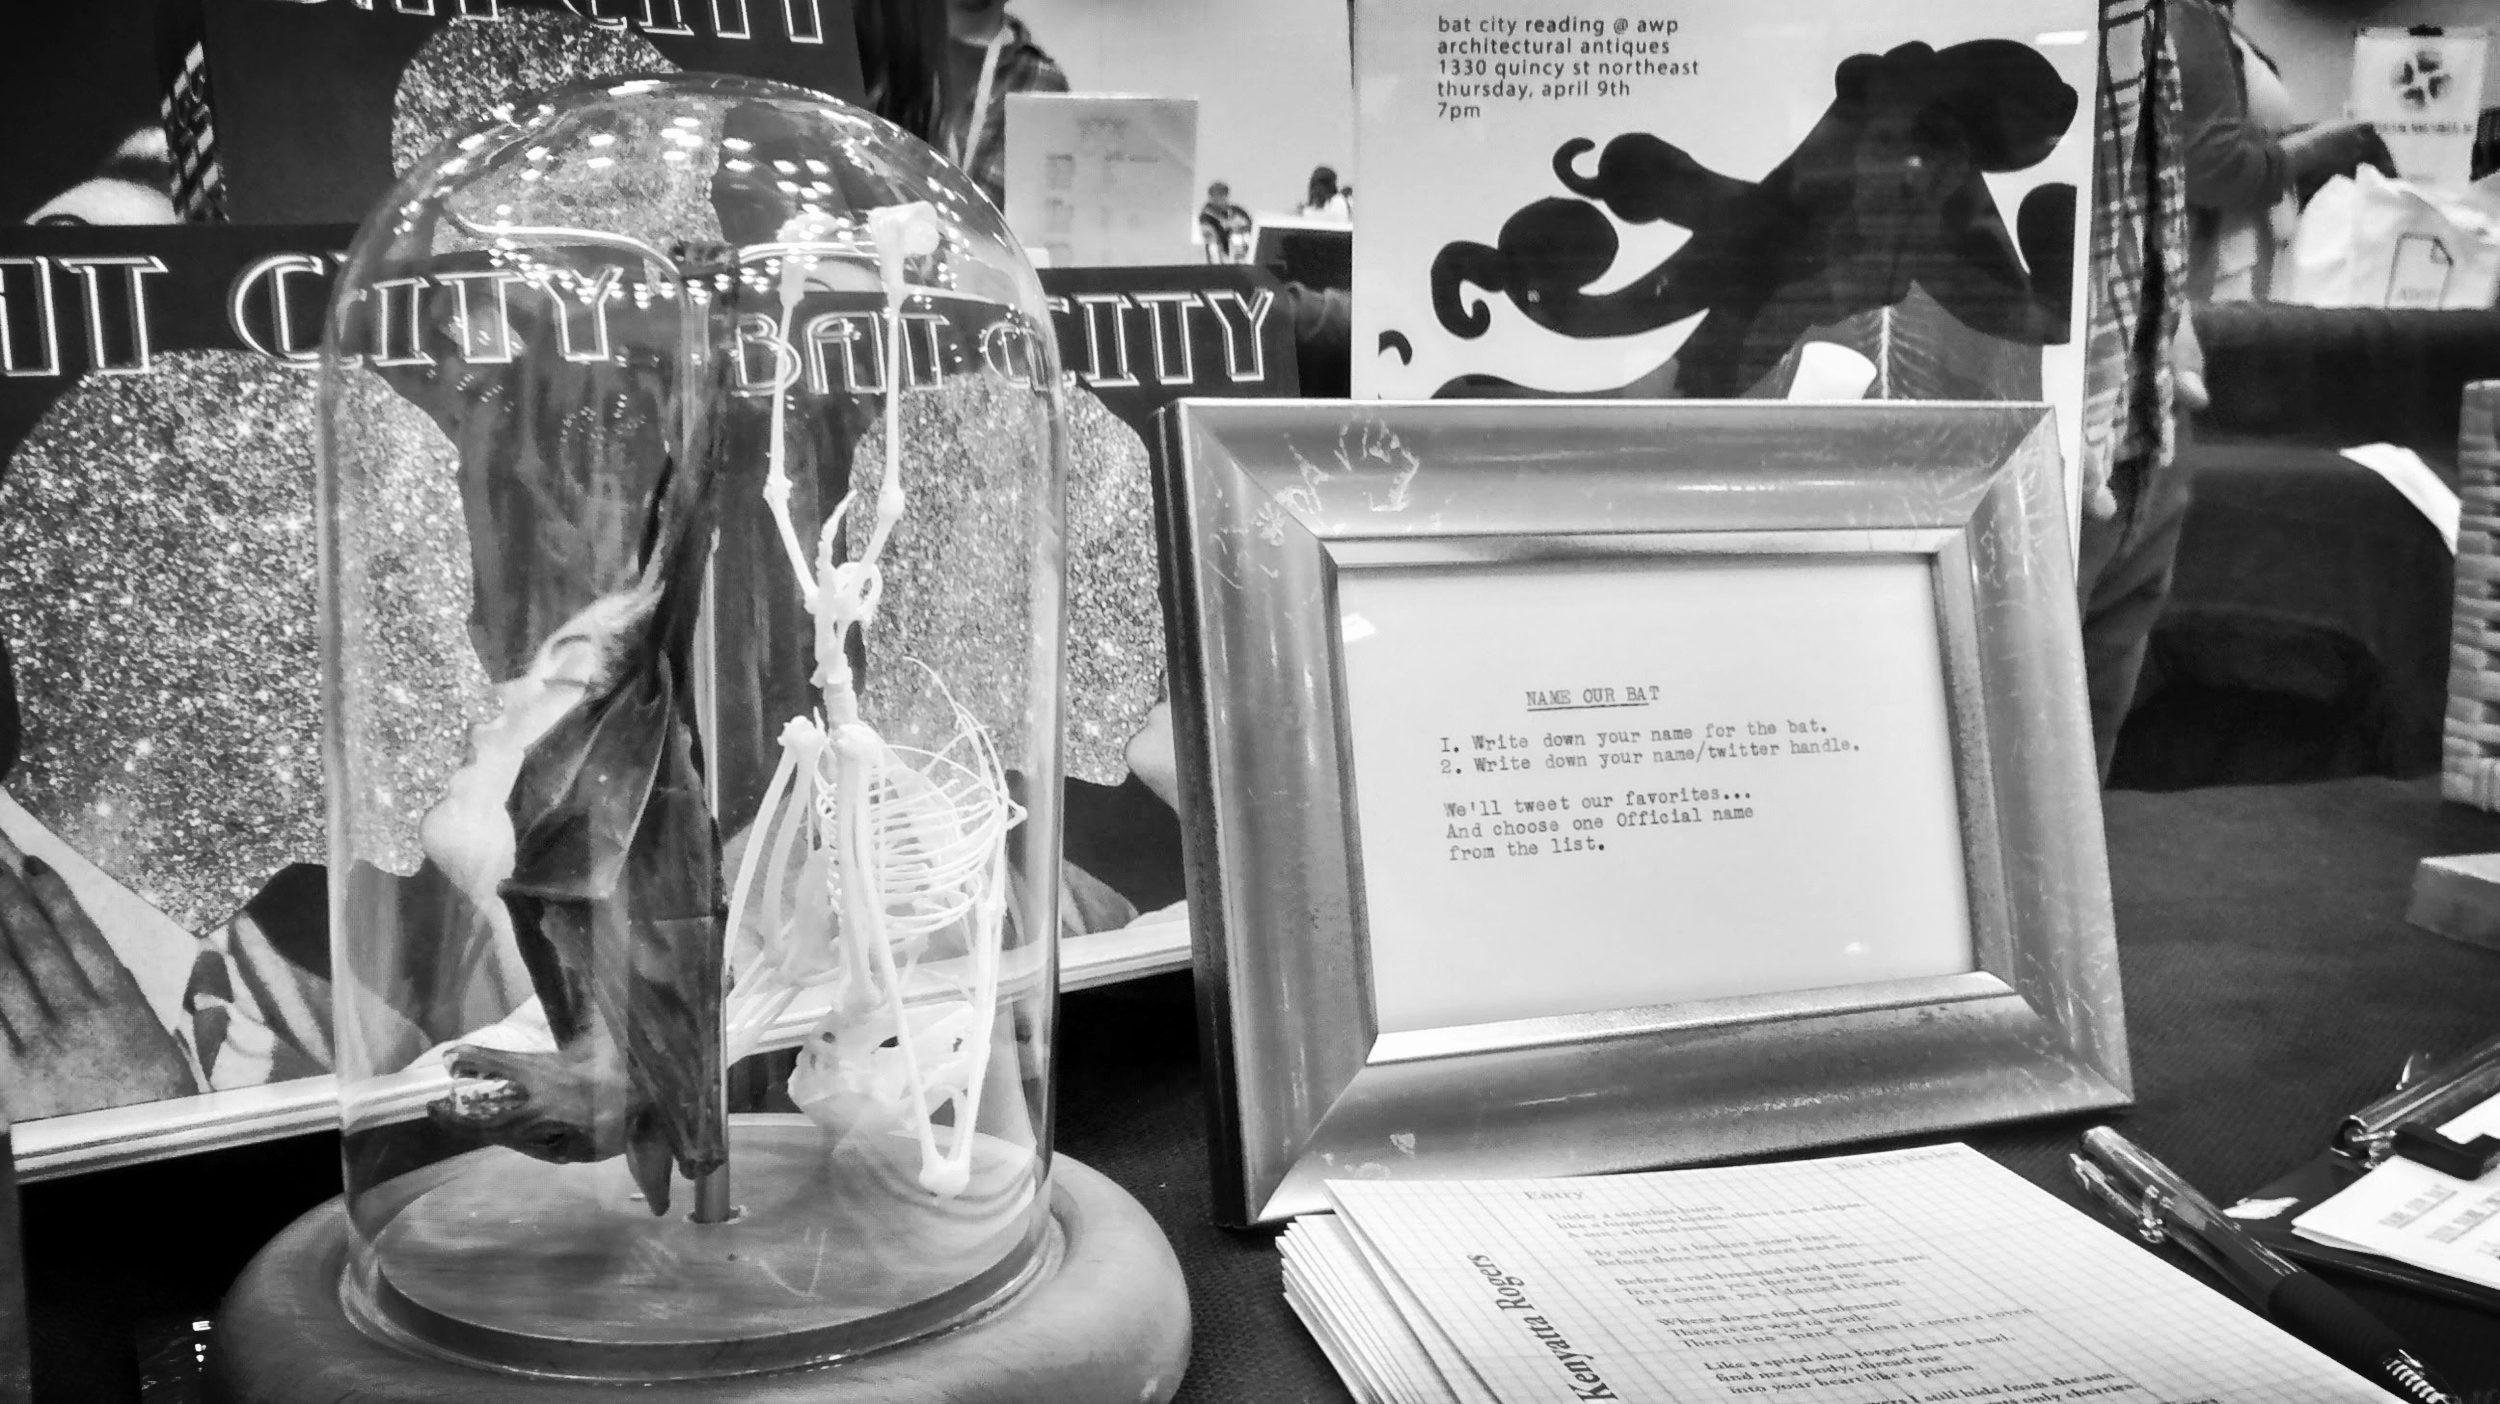 Tabitha, our taxidermy bat AWP 2015 Bookfair